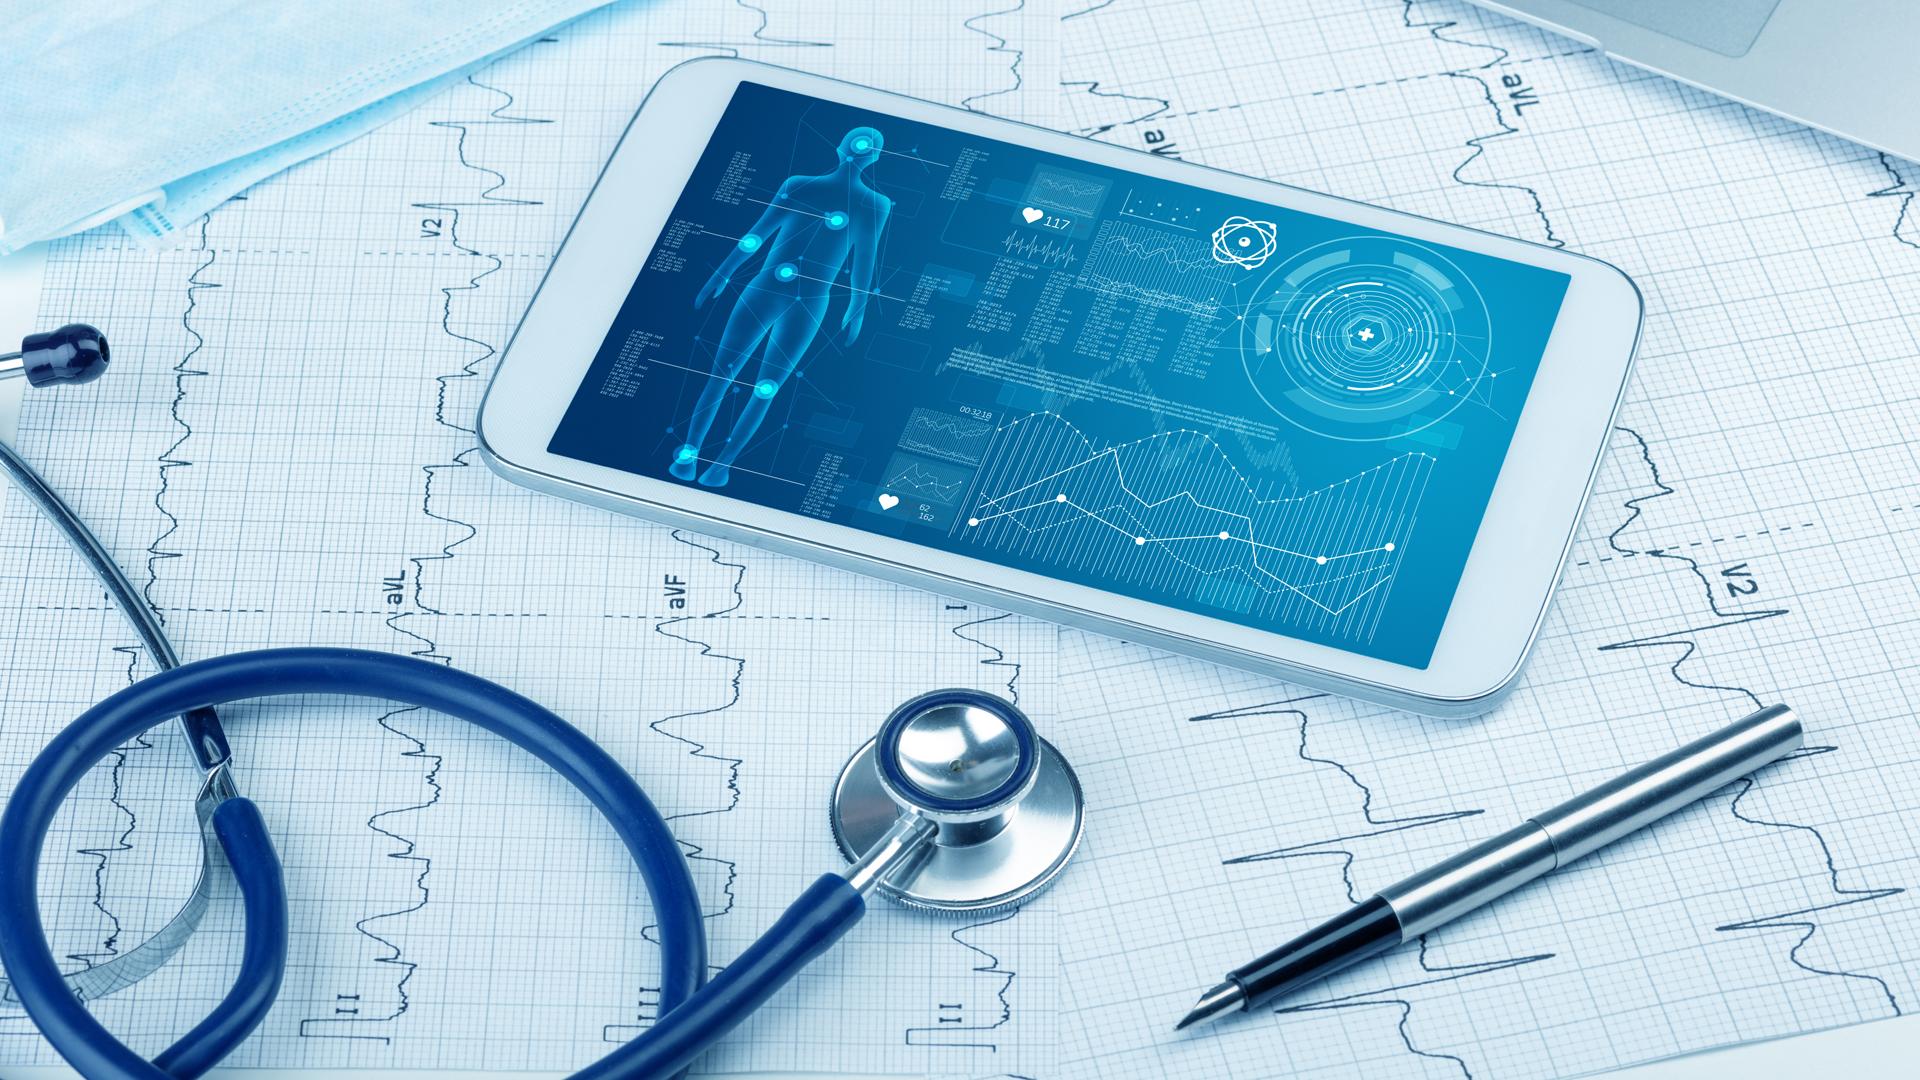 Τεχνολογία Υγεία: Με ταινία επιστημονικής φαντασίας μοιάζει η συμβολή της στην ιατρική περίθαλψη